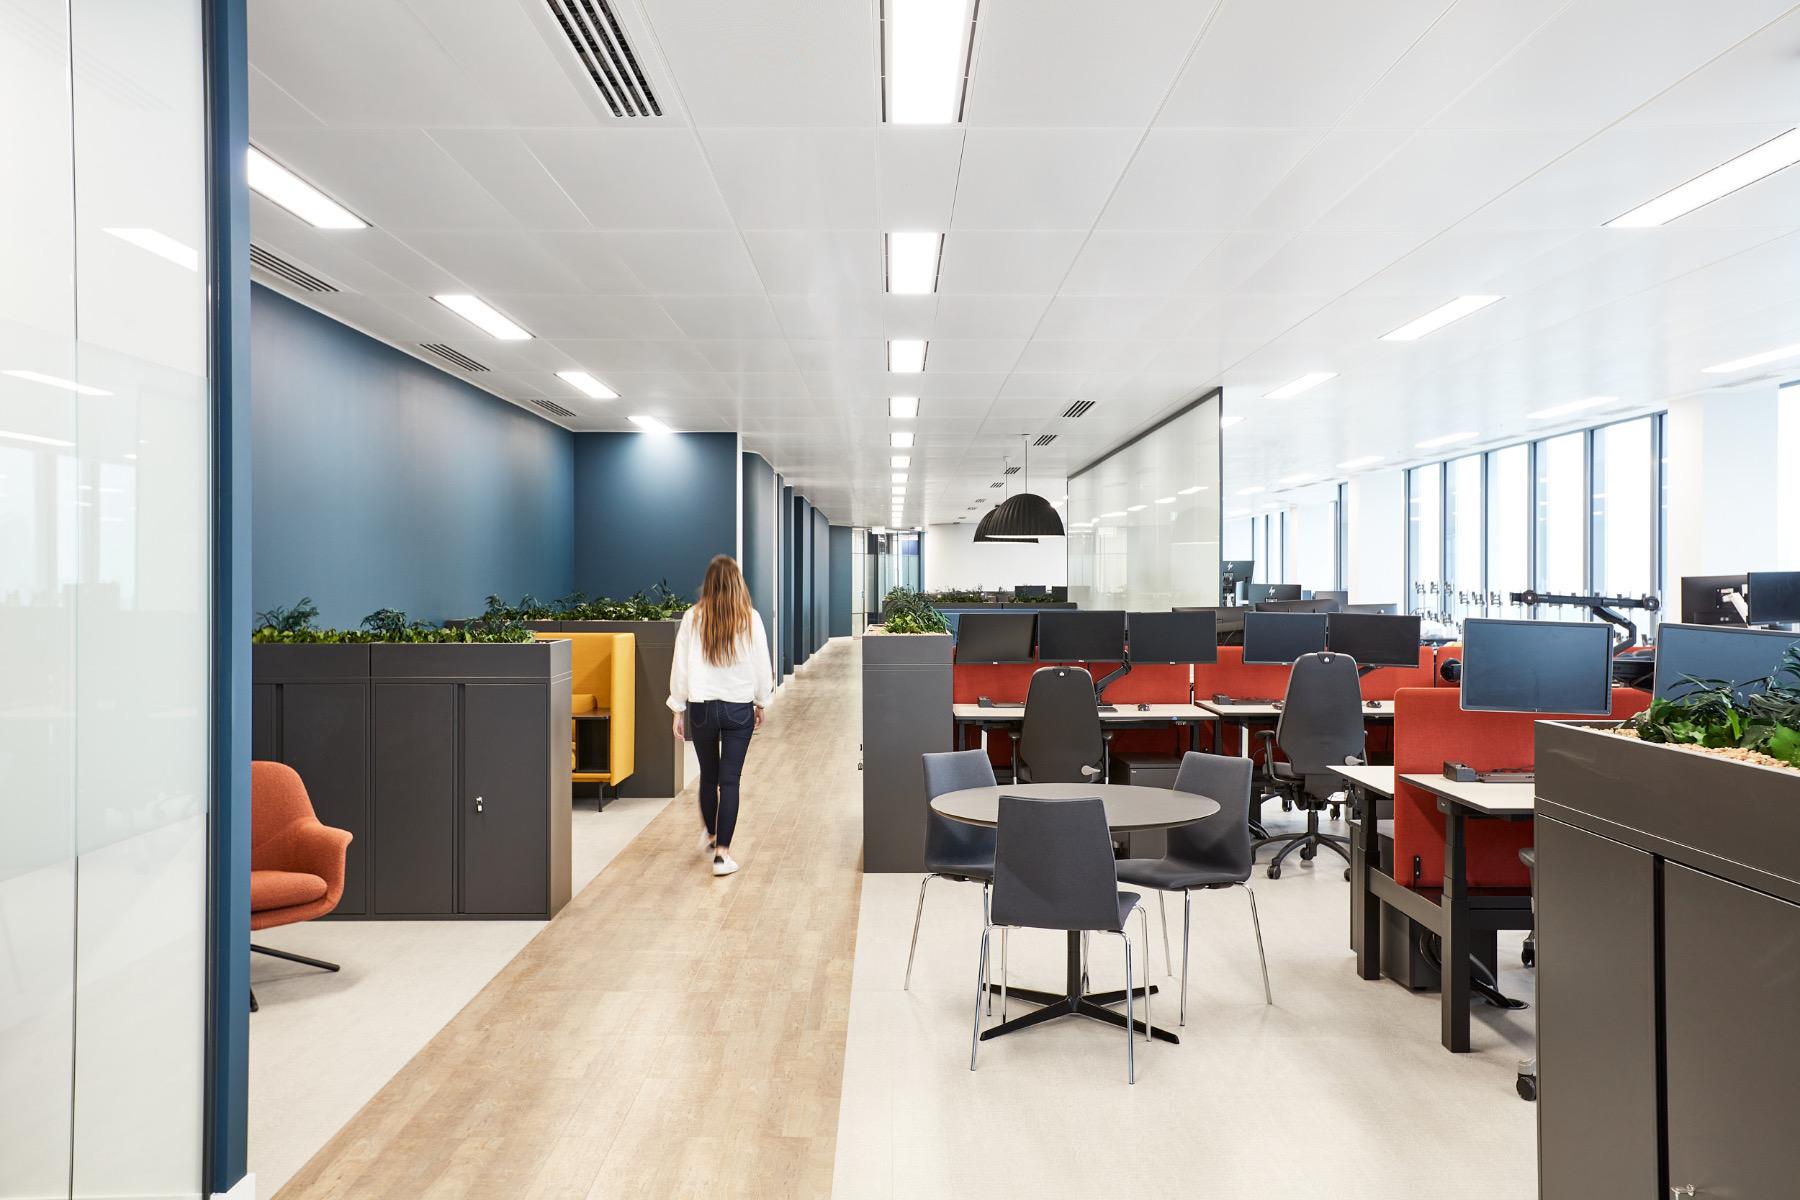 statkraft-london-office-9